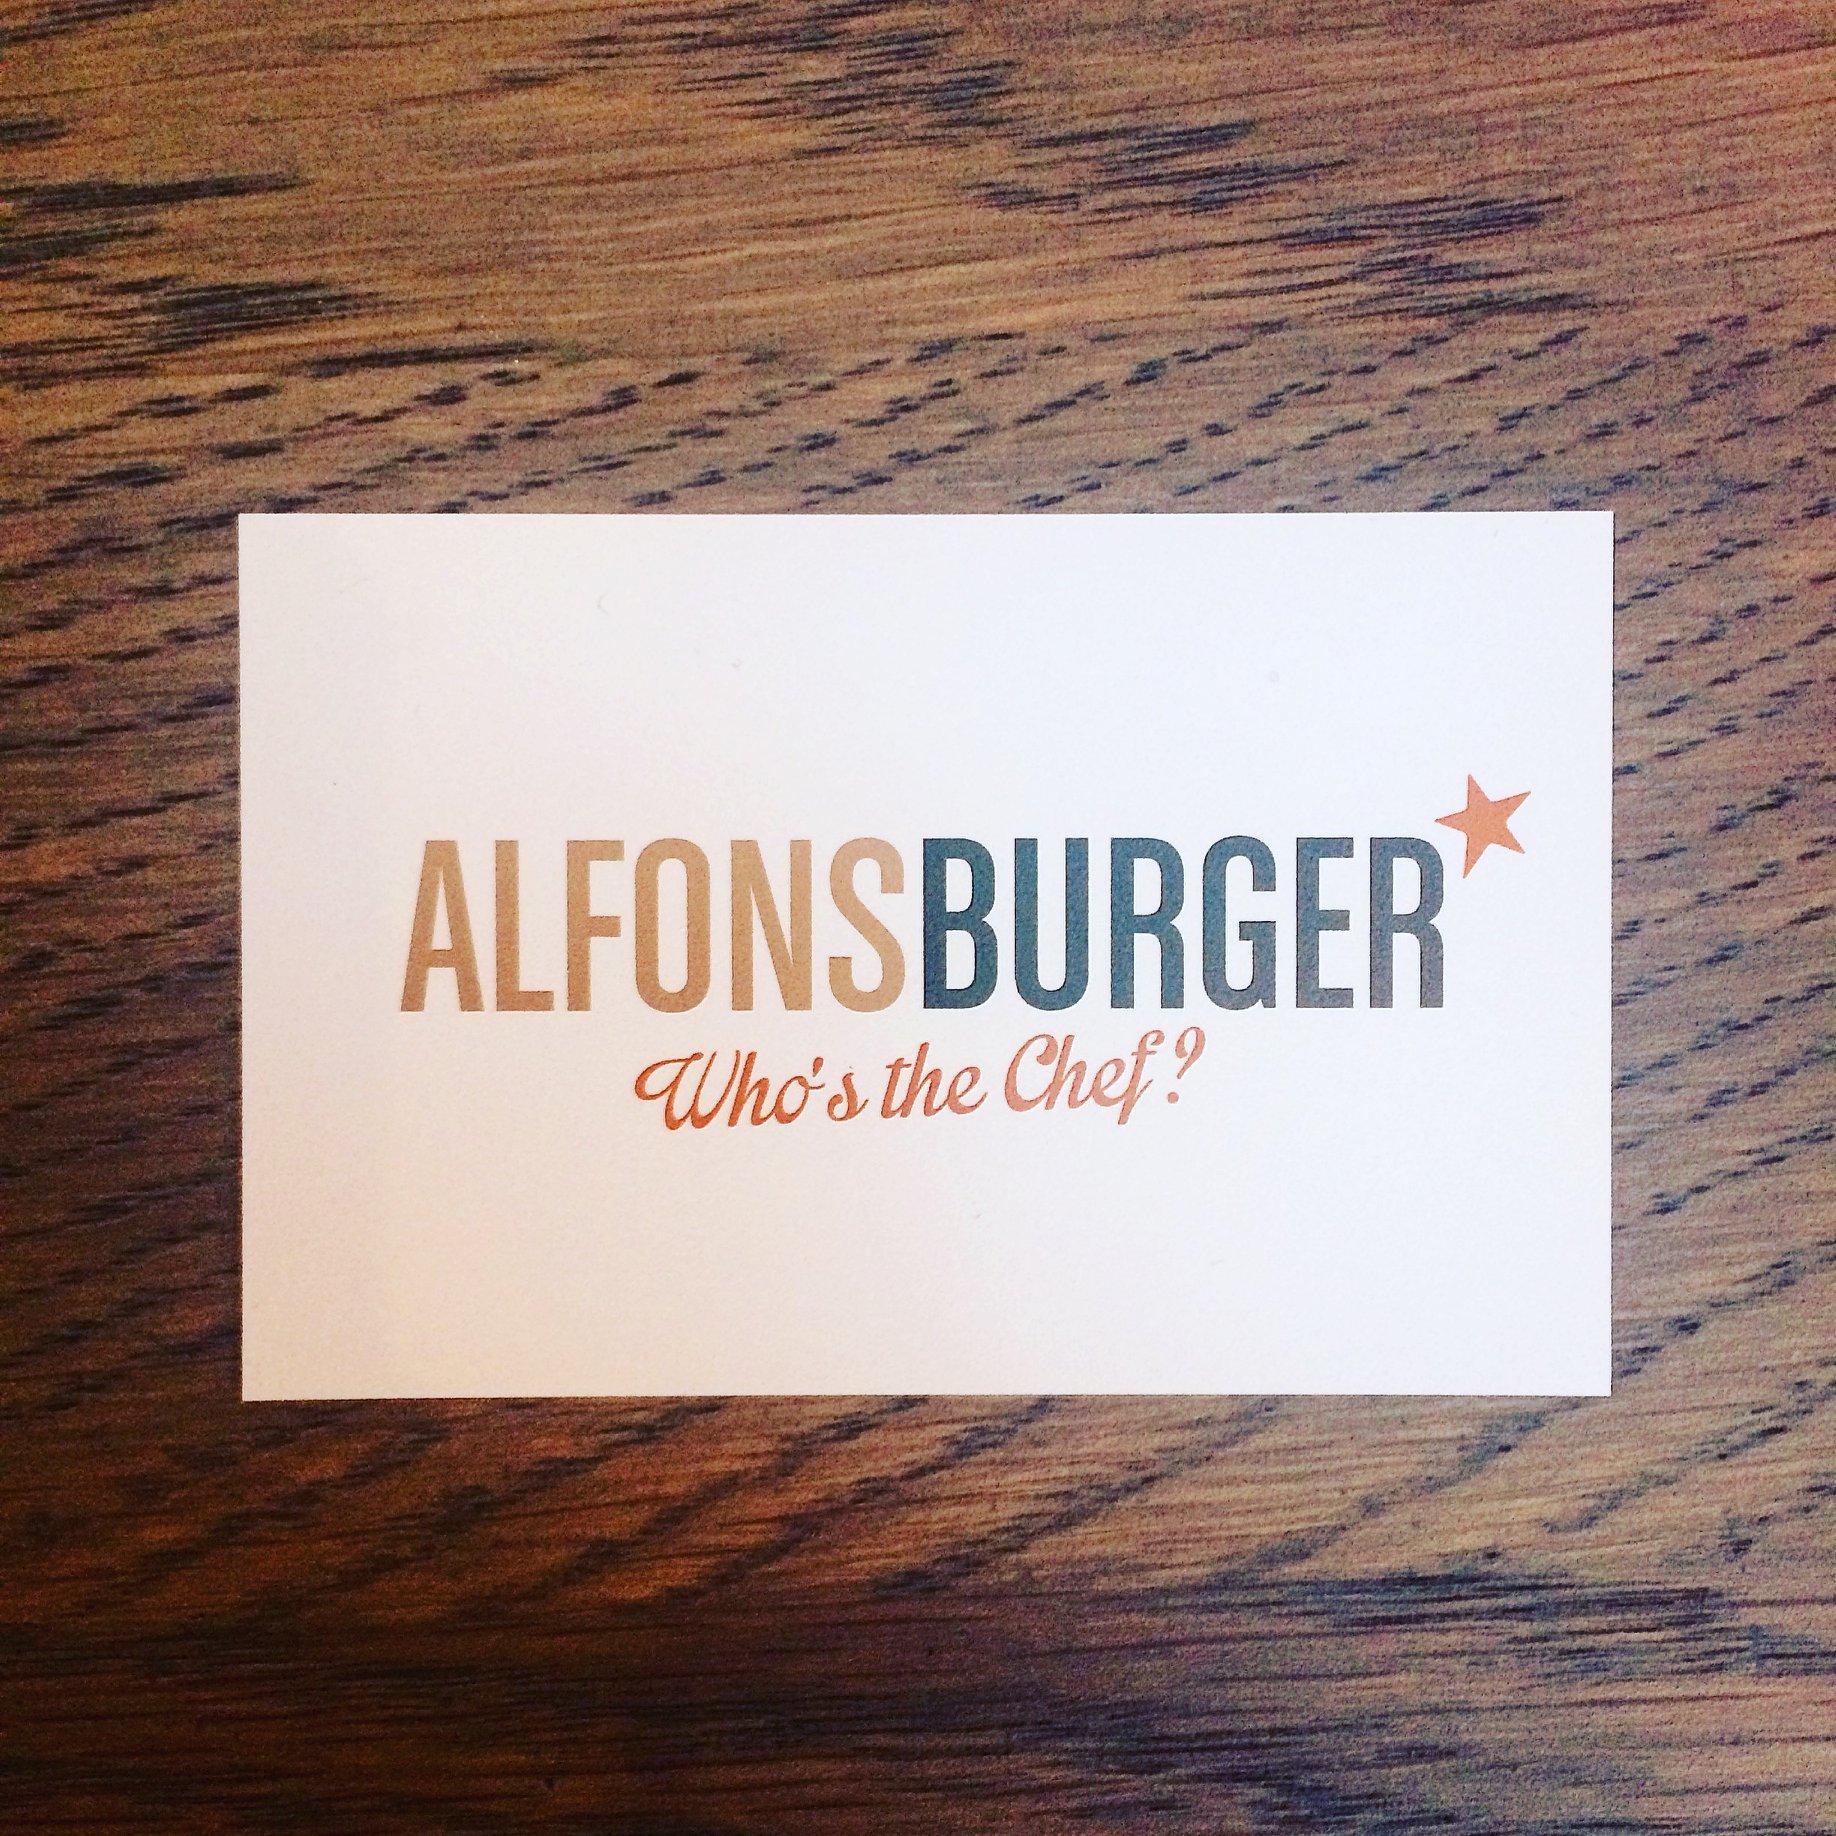 Alfons Burger